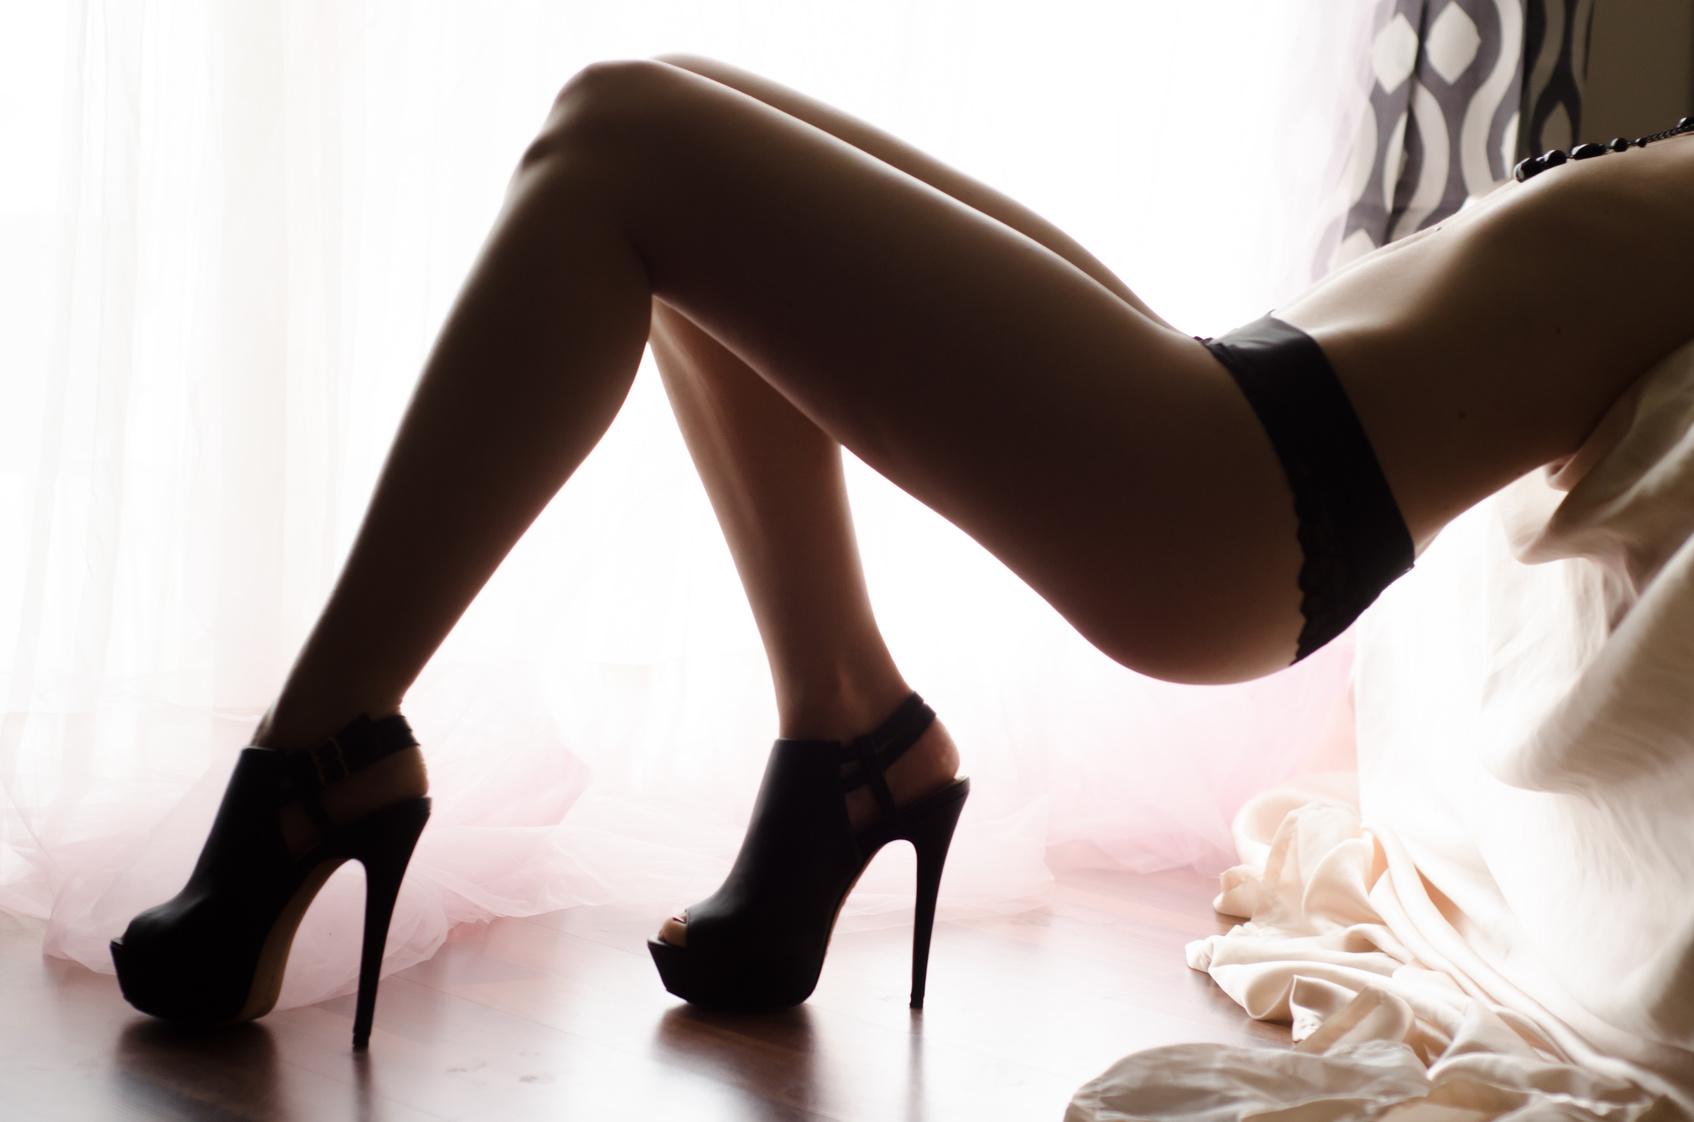 Yürüyüşle bacaklar ne kadar sürede incelir